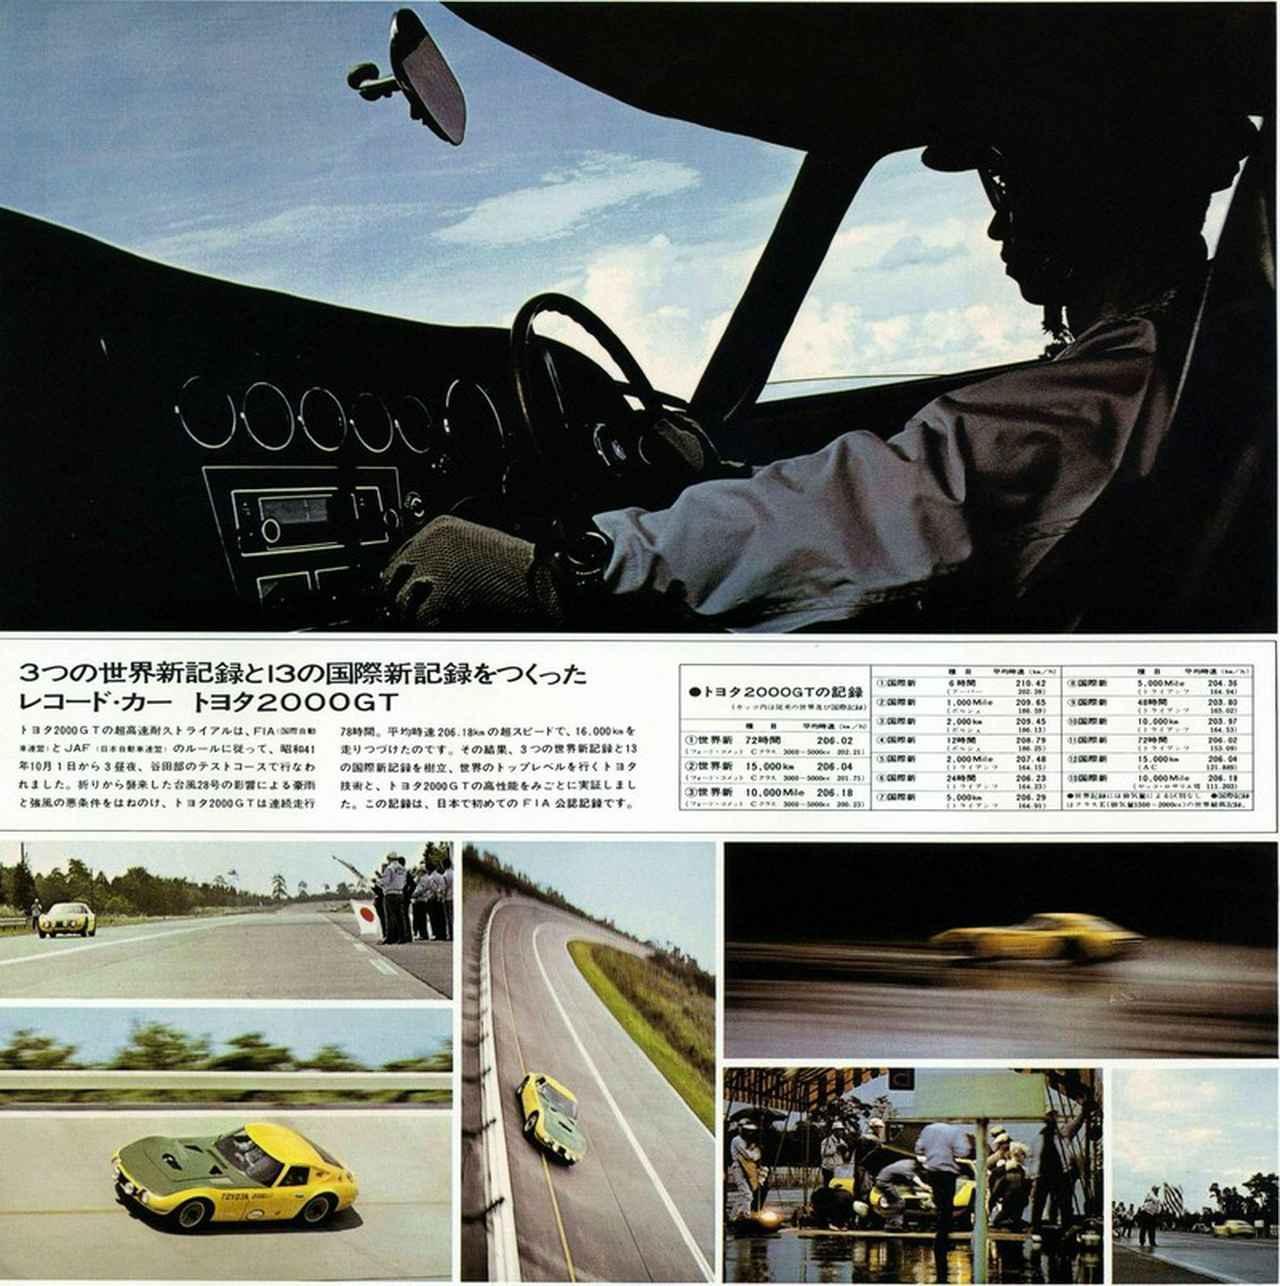 Images : 2番目の画像 - 「【今日は何の日?】トヨタ2000GT発売 「世界中を驚かせたジャパニーズスーパーカー」52年前 1967年5月16日」のアルバム - Webモーターマガジン